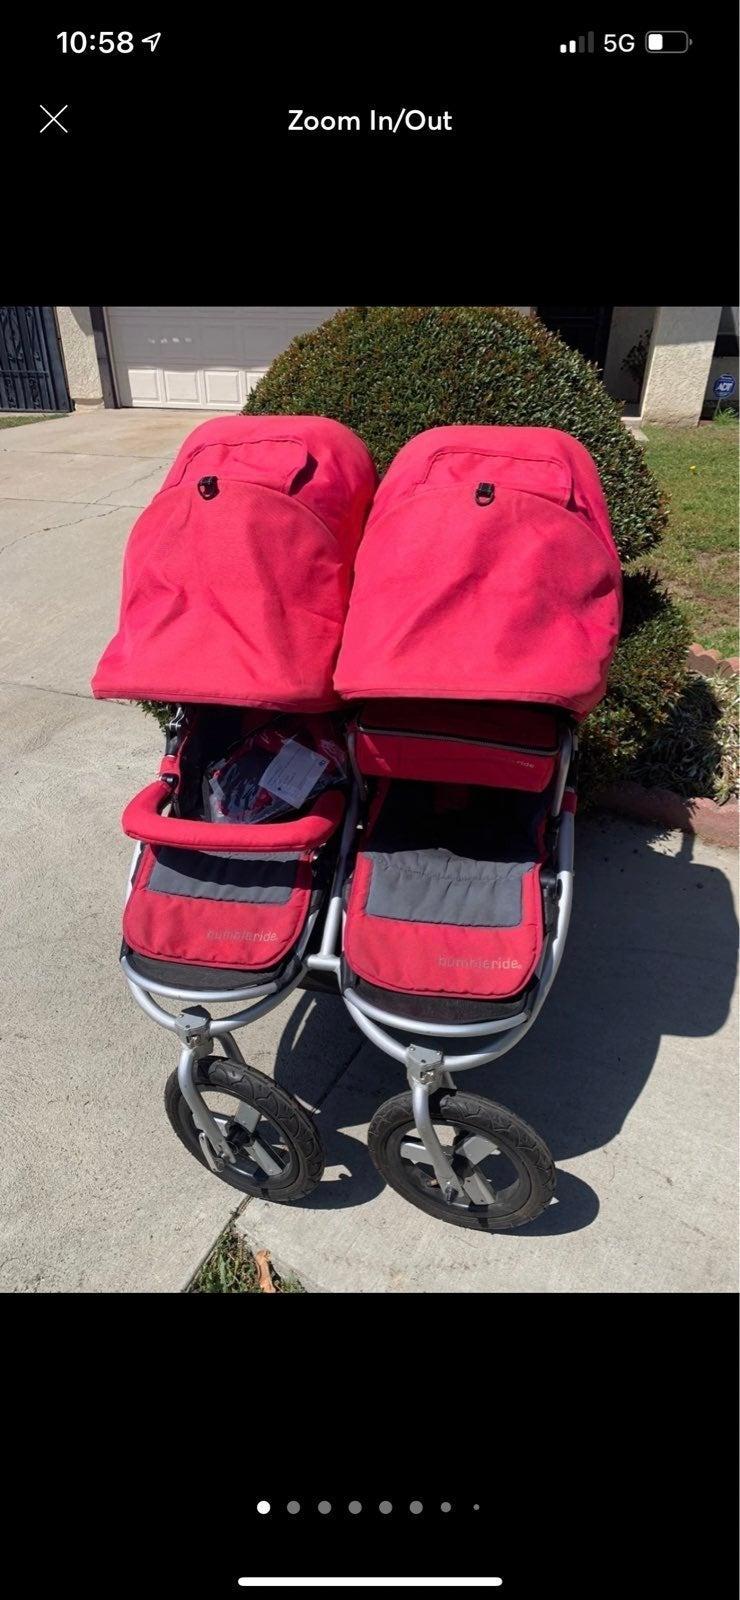 Bumbleride indie twin pink stroller